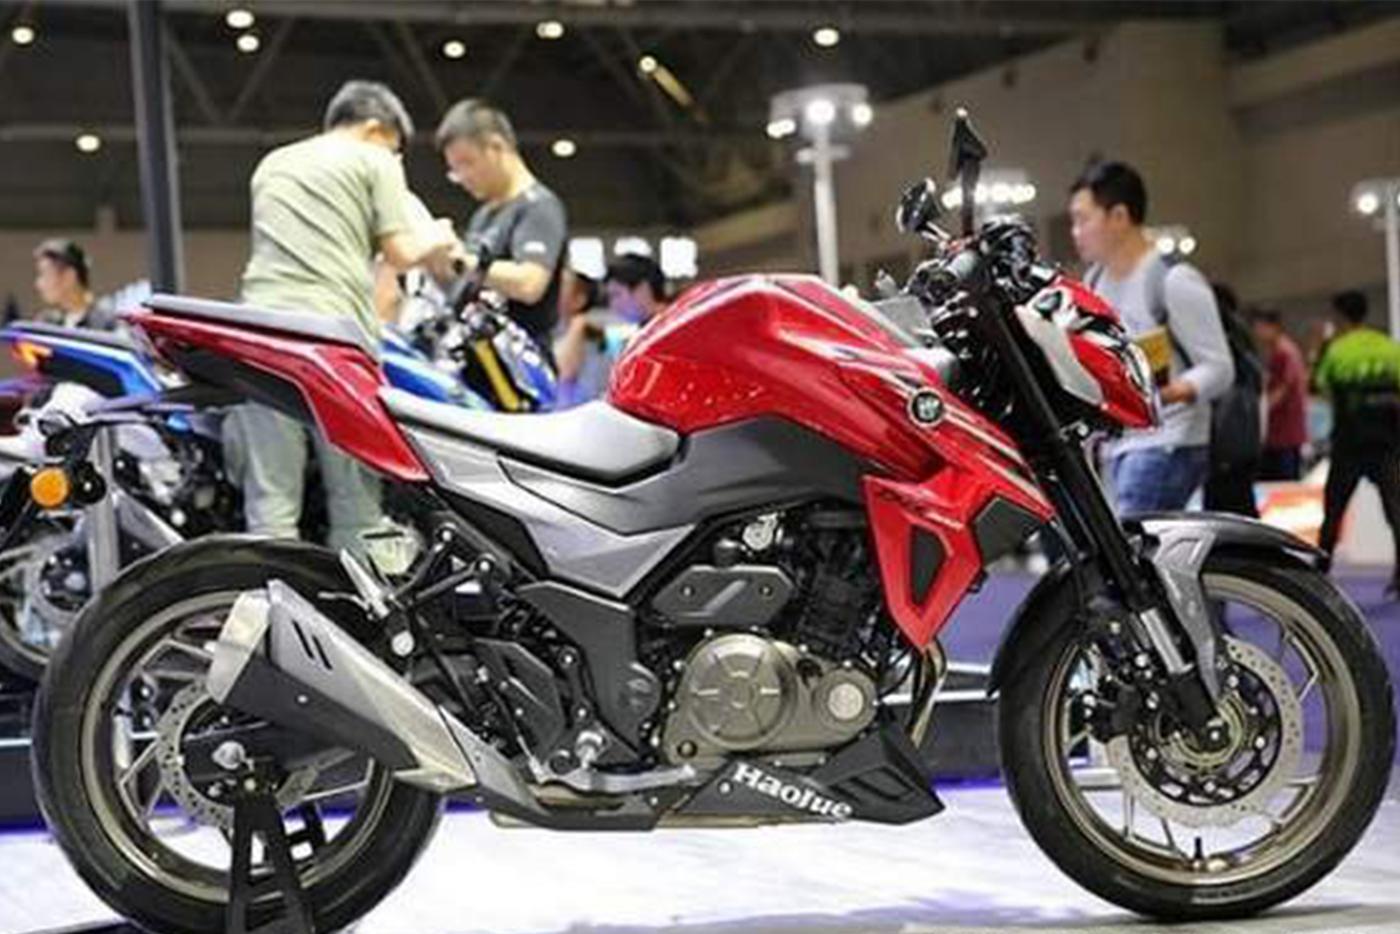 suzuki-gixxer-300-8.jpg